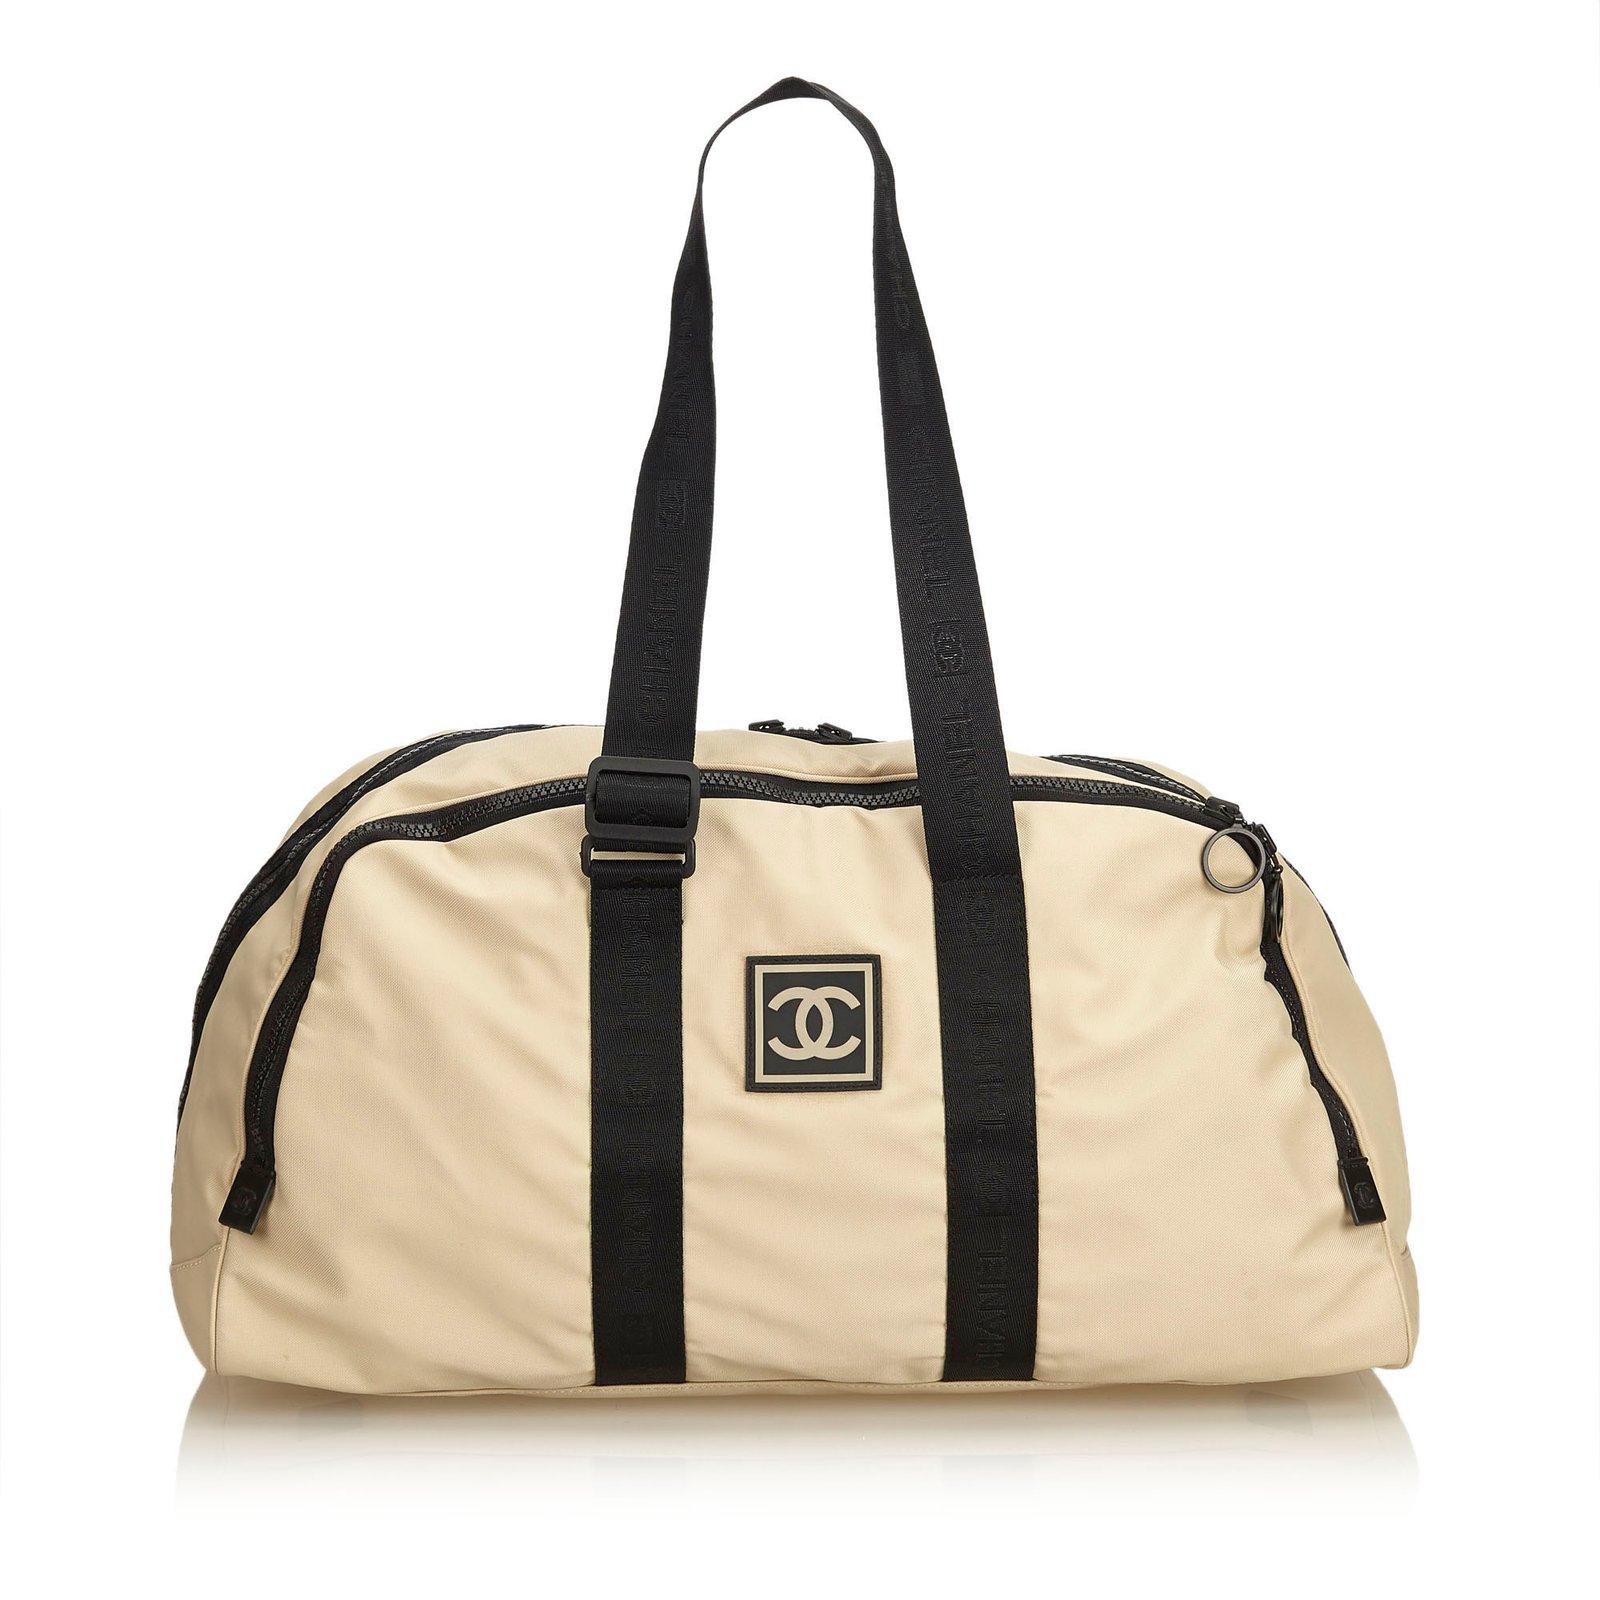 ff5559c8f5f4 Chanel CC Nylon Sport Line Duffle Bag Travel bag Nylon,Cloth Brown,Black,